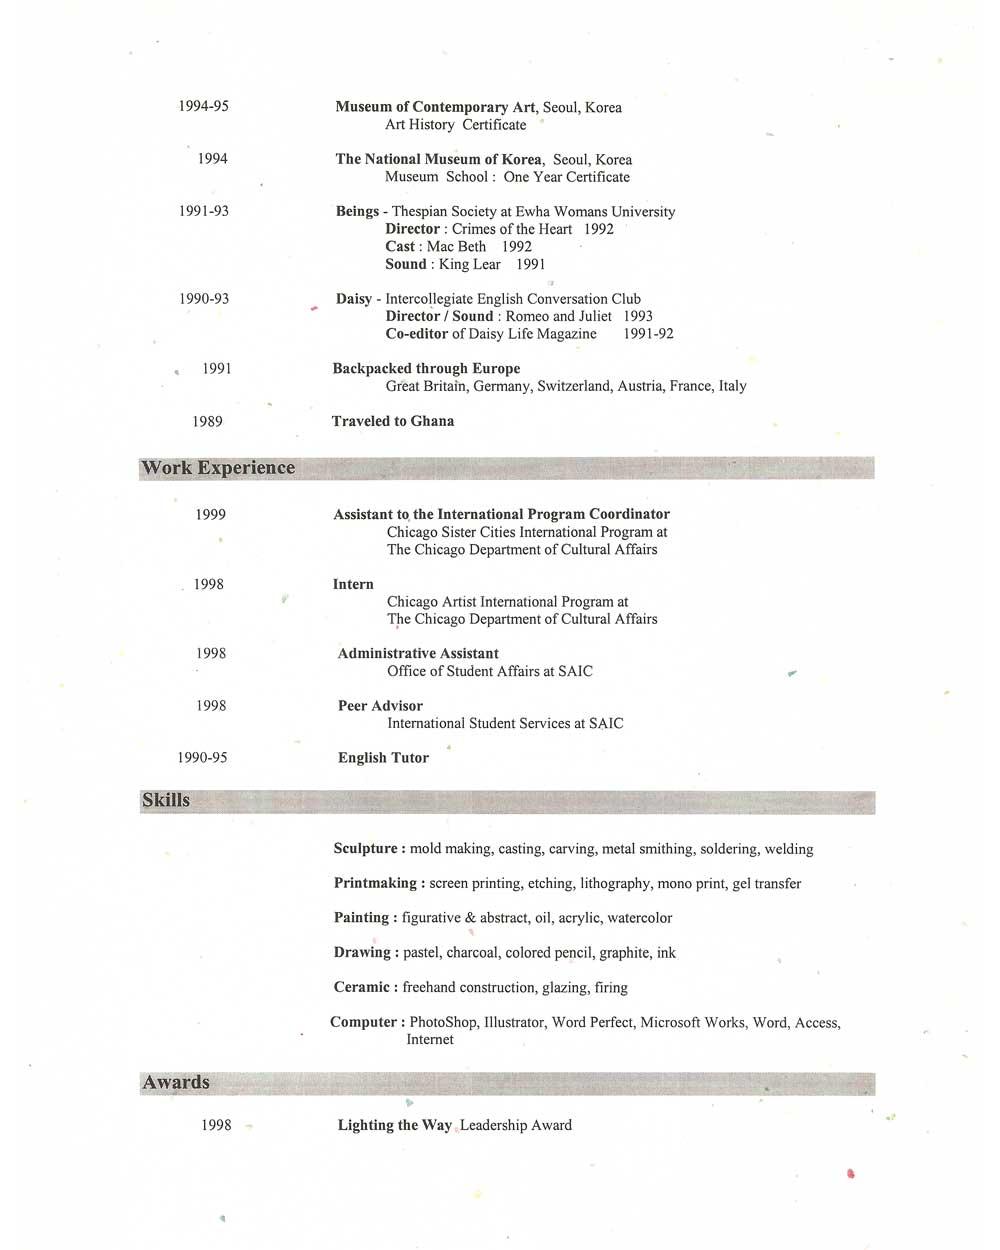 Eun Young Choi's resume, pg 2